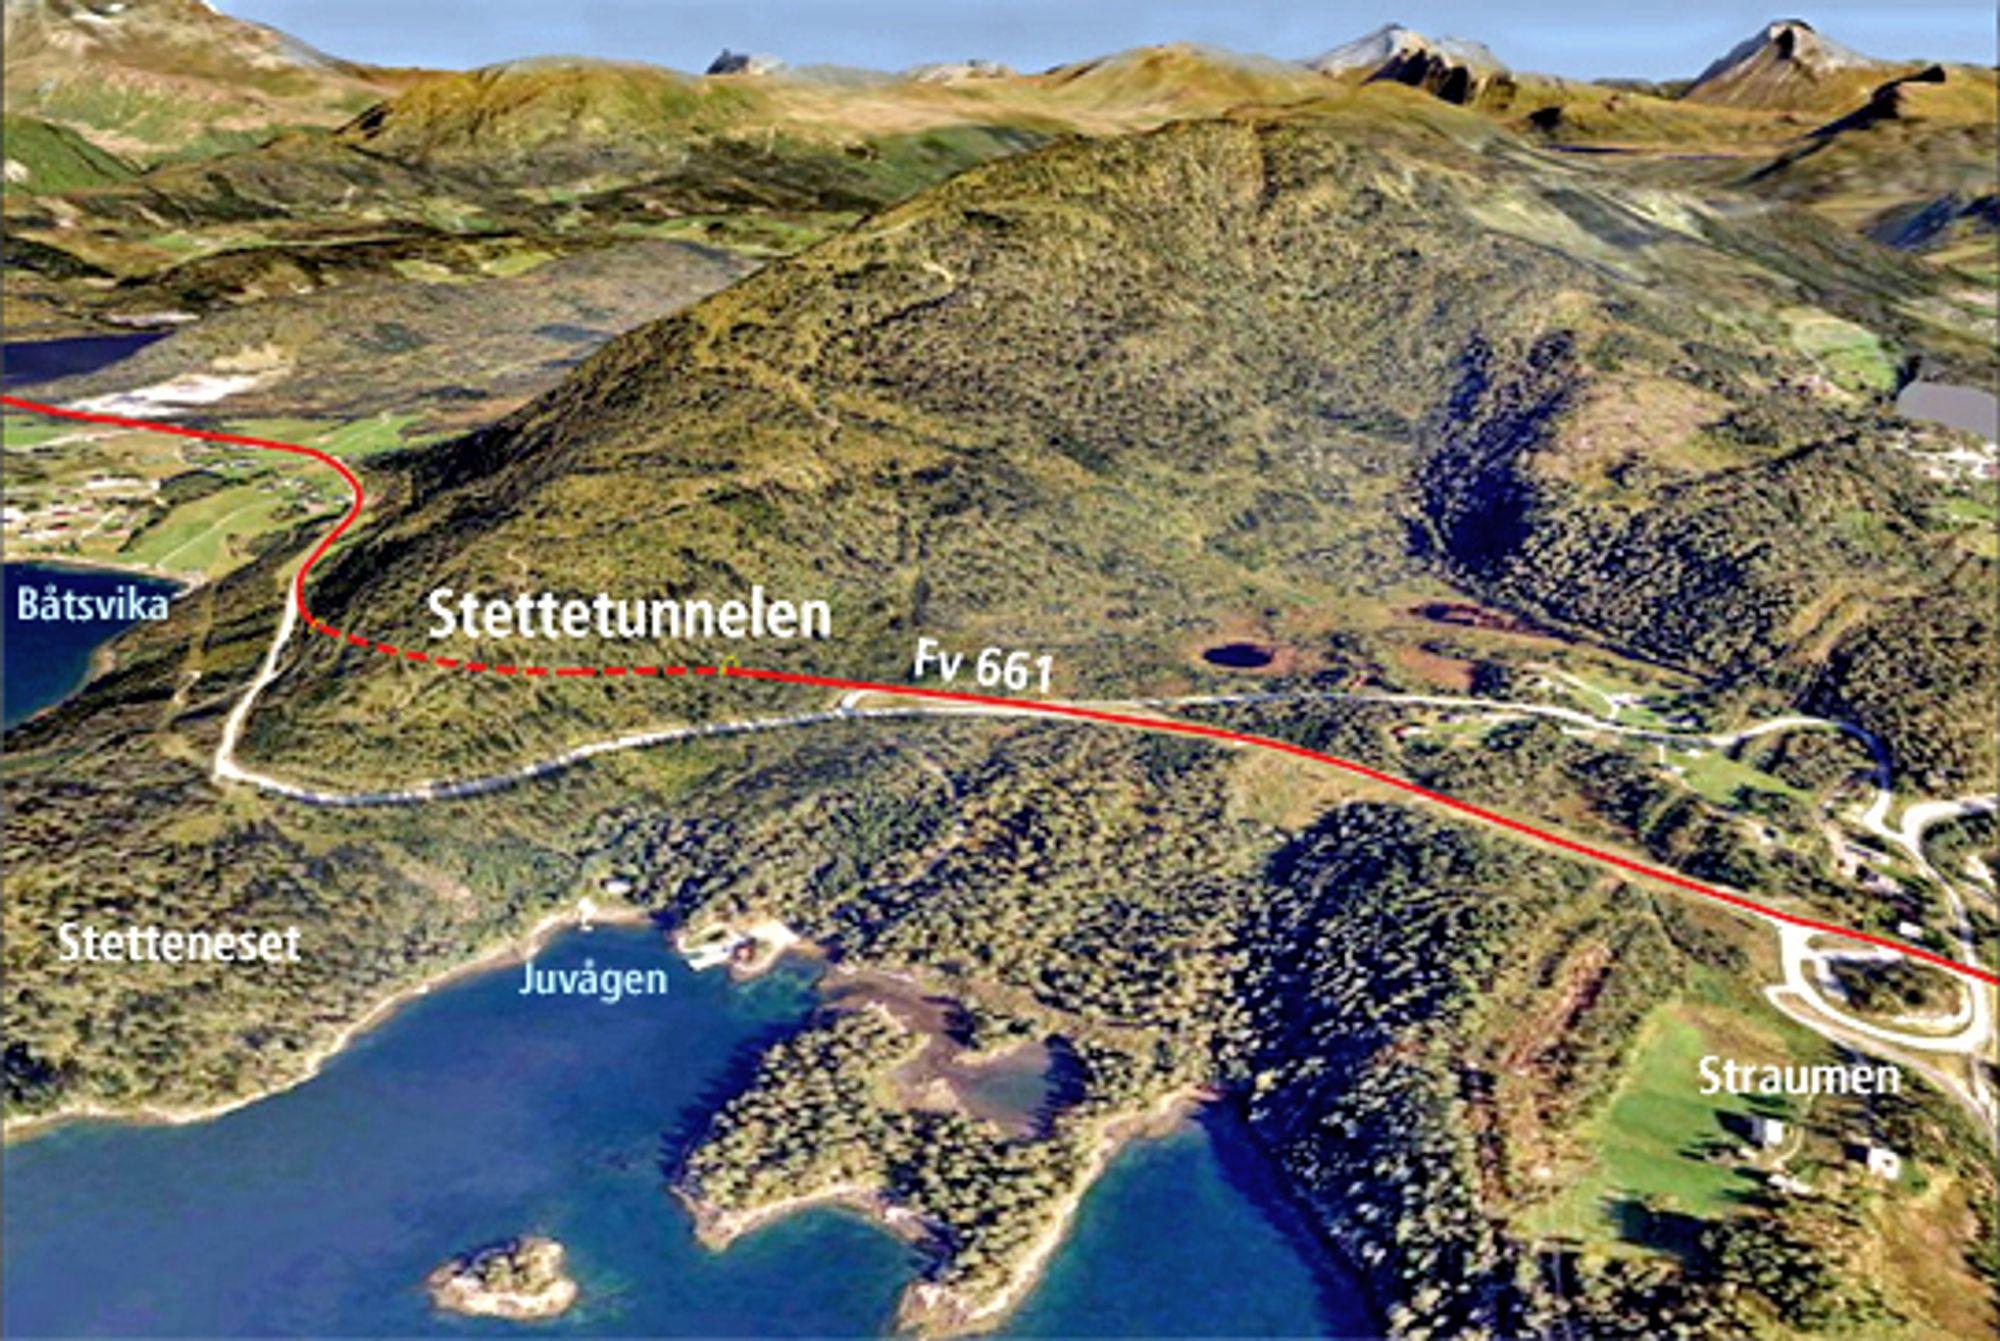 Betonmast ligger godt an til å få kontrakten på Stettetunnelen. Volda Maskin er den eneste anbyderen som ligger i nærheten. Ill.: Statens vegvesen